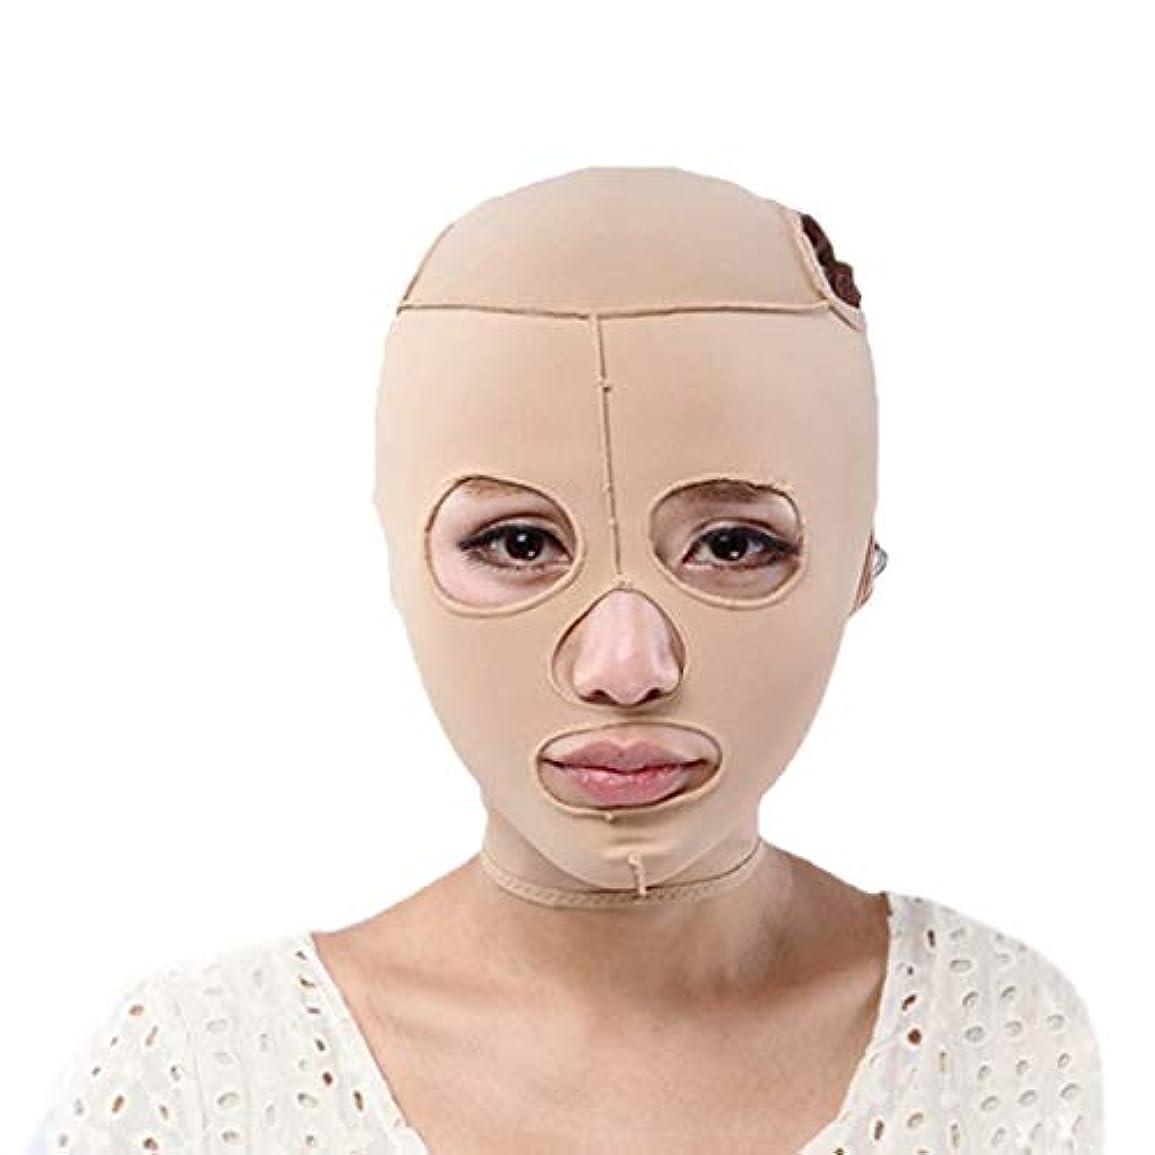 有益なバイバイ凍結チンストラップ、顔の減量アンチシワマスク、快適な通気性マスク付きオールインクルーシブフェイス、薄型フェイスマスクリフティング包帯引き締め(サイズ:S),S